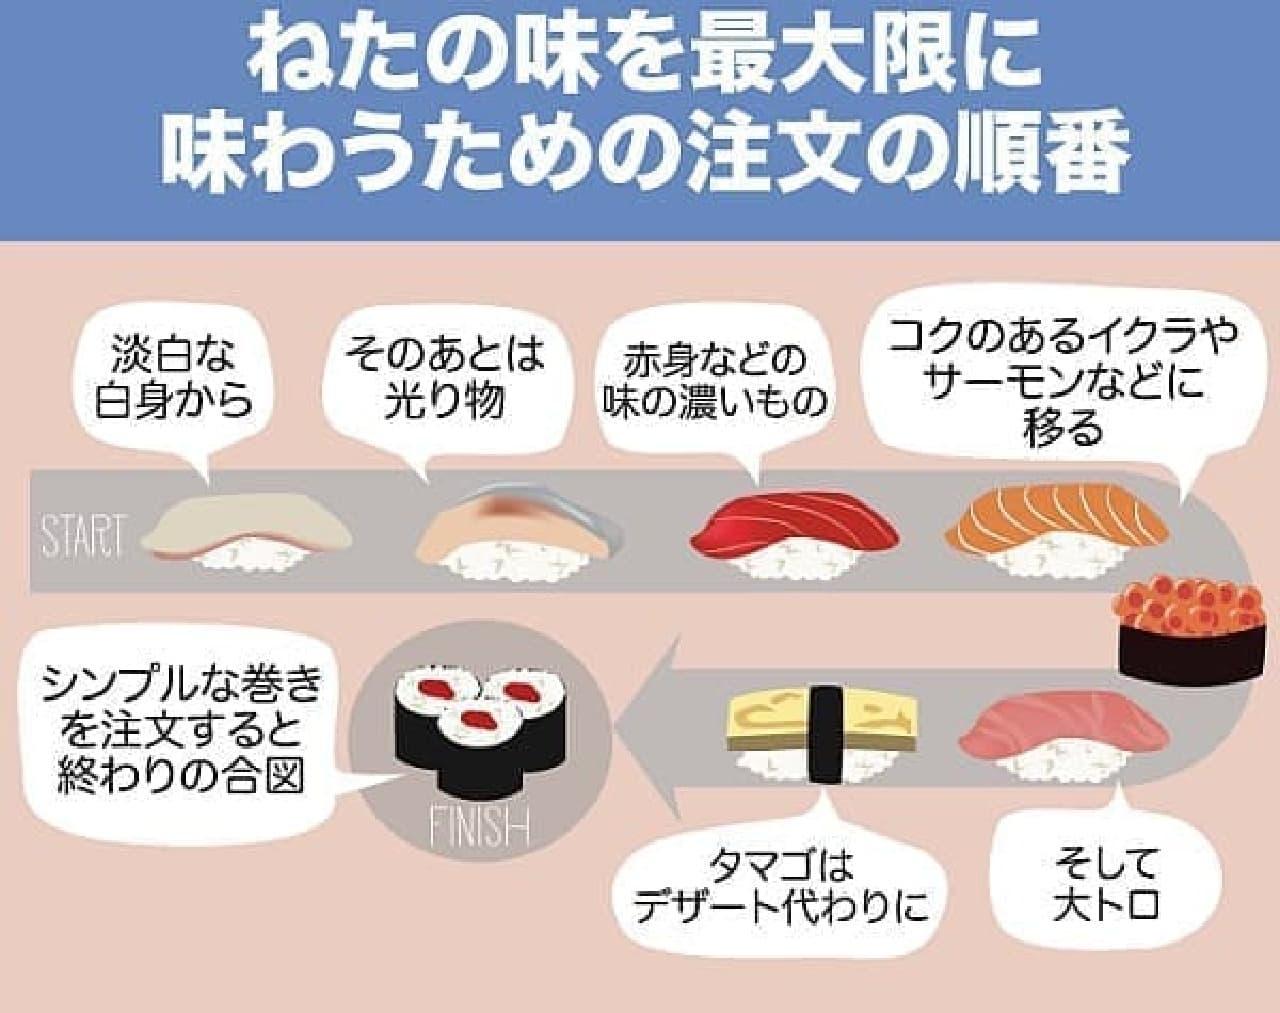 ねたを味わうための注文の順番  (注:ここでは日本語版のインフォグラフィックを使用しています)